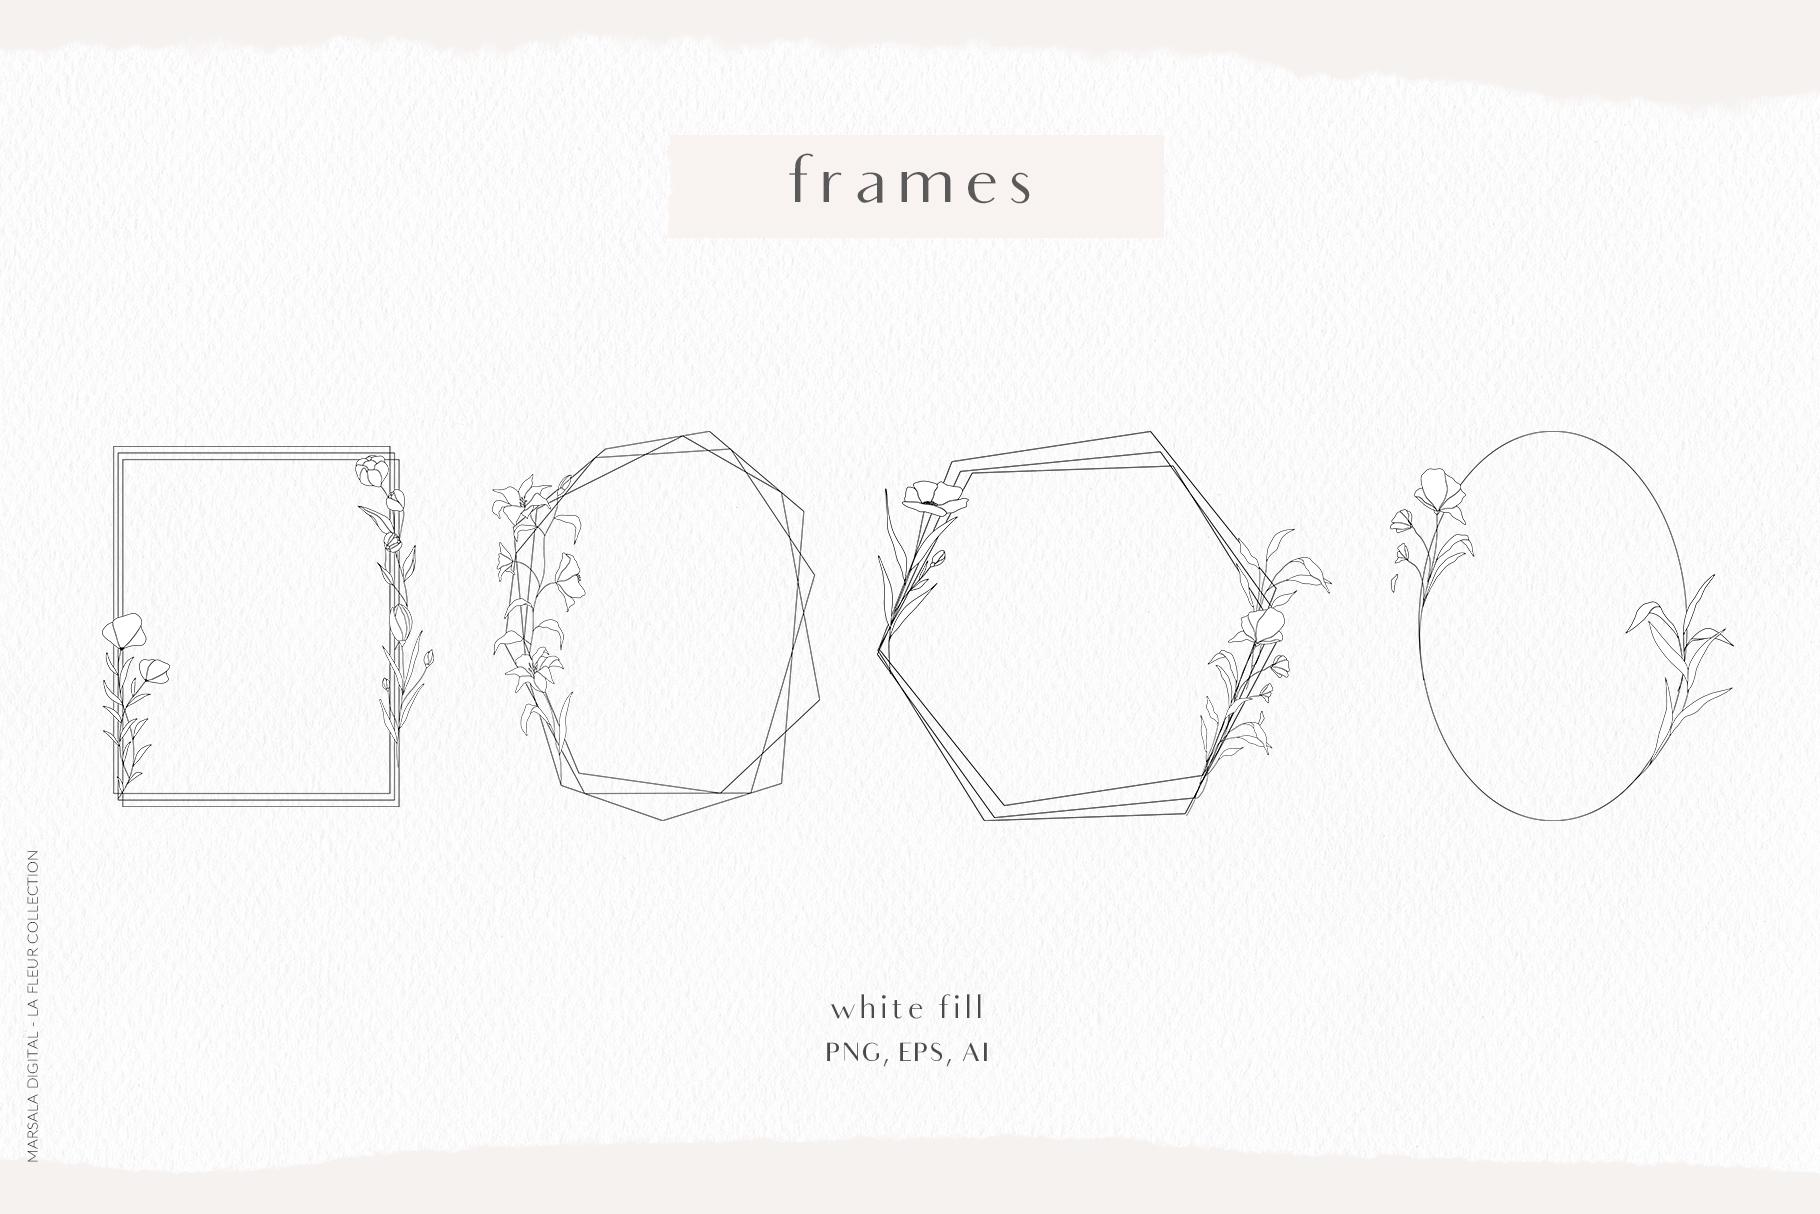 Floral Pencil Sketches Line Art - La fleur example image 4